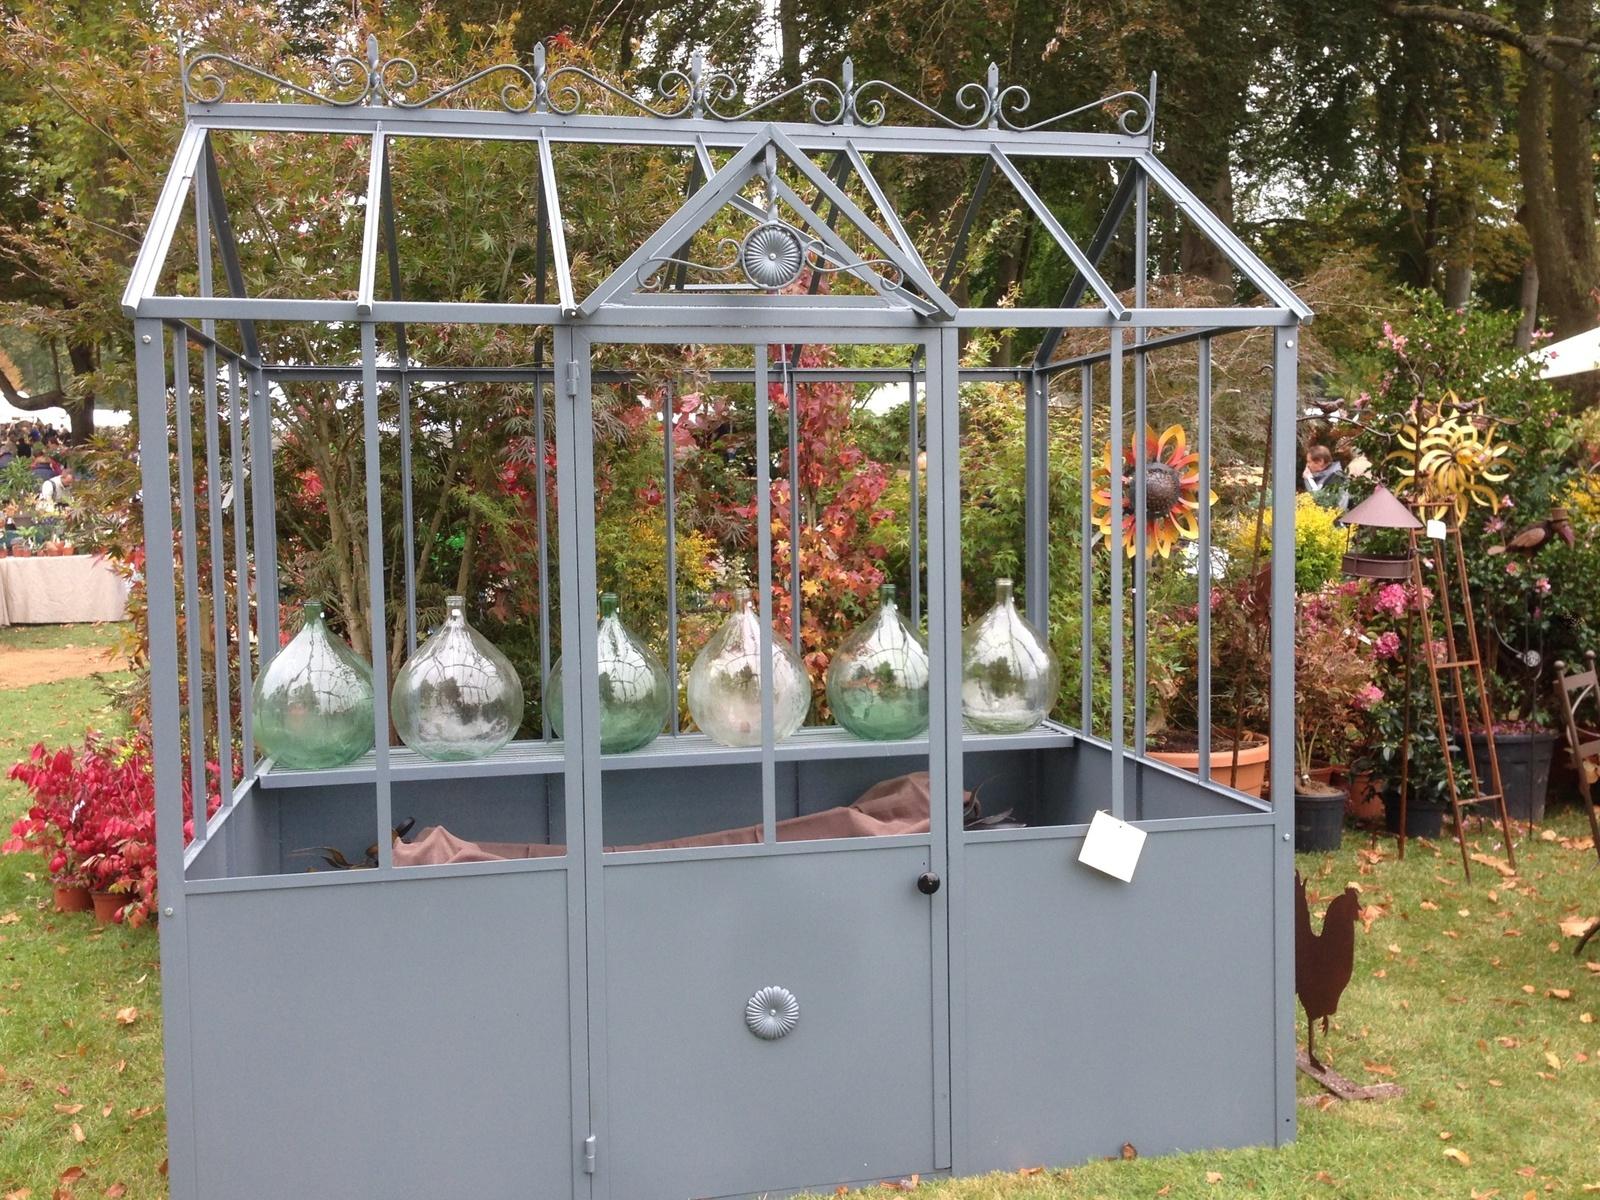 Une Serre Pour Les Semis Du Seeds Of Love - Jardins Merveilleux à Serre De Jardin Occasion